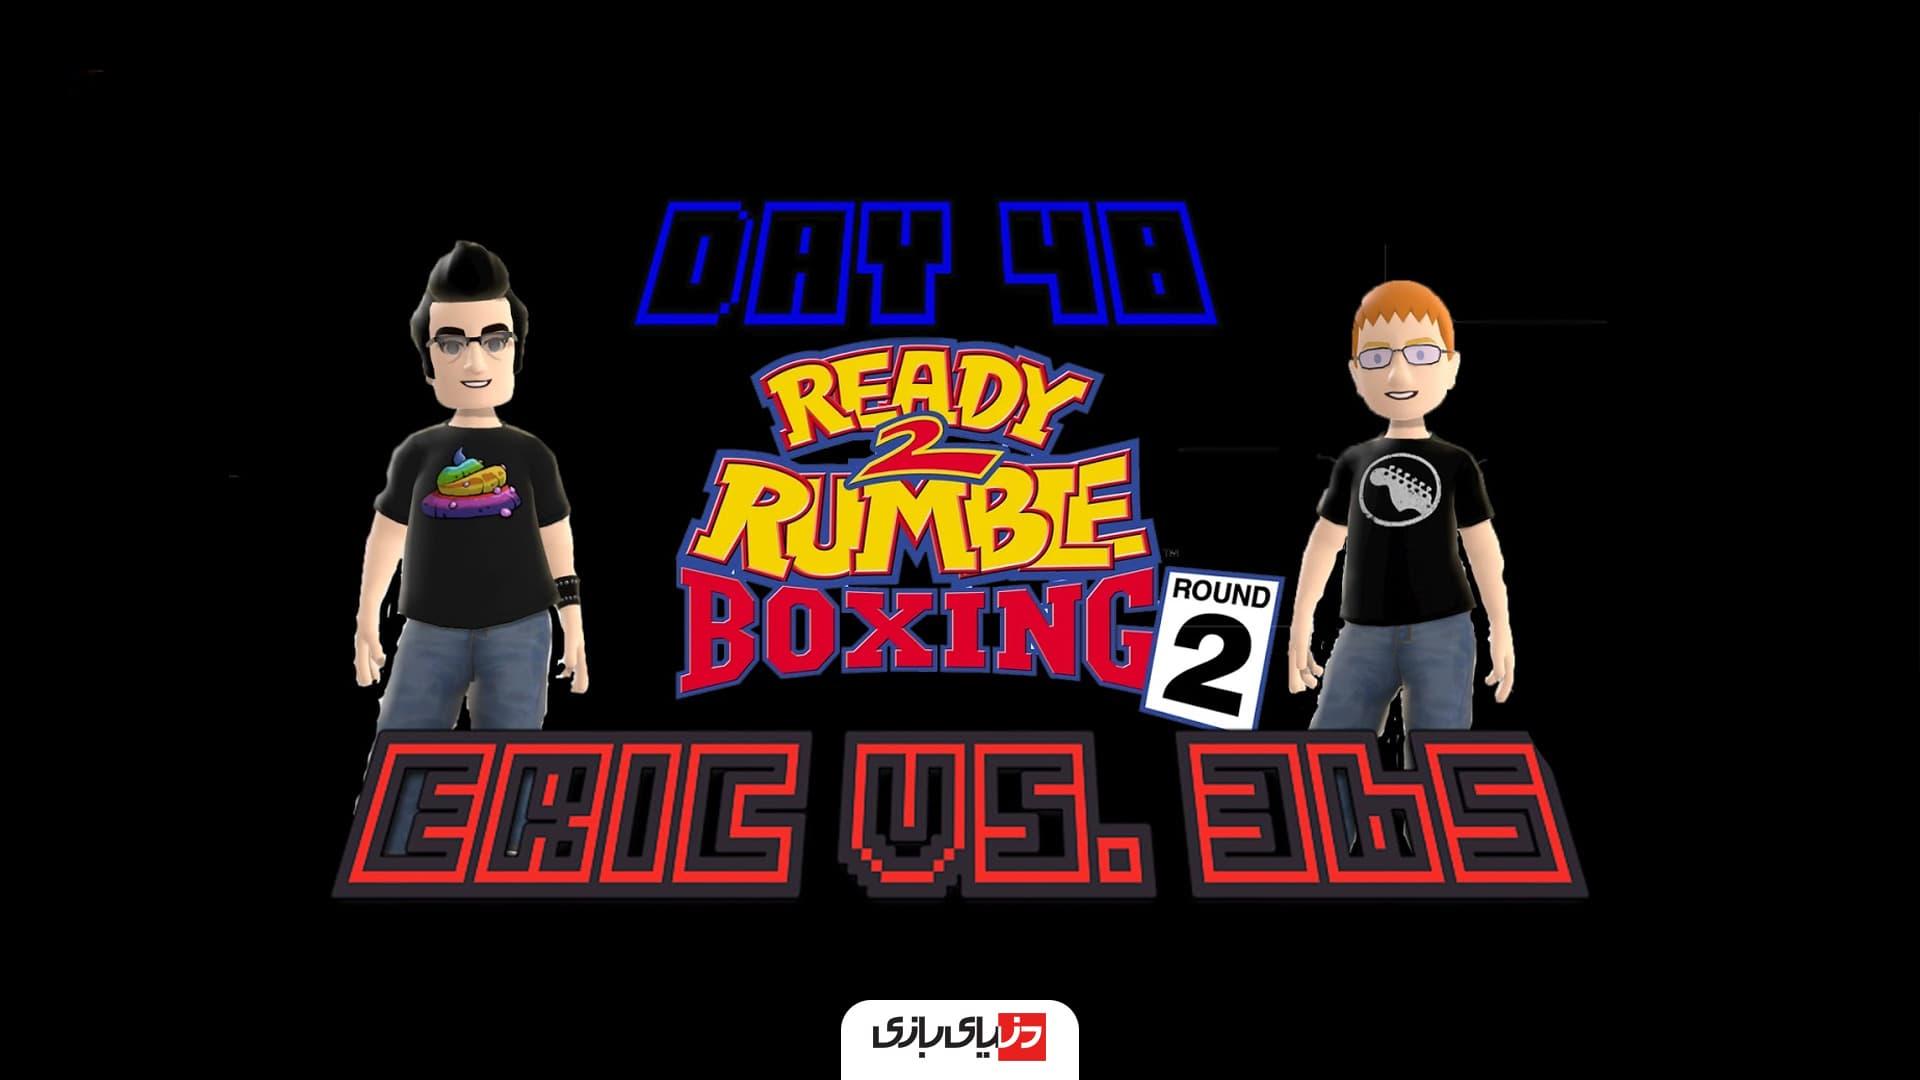 بهترین بازی های بوکس -Ready To Rumble Boxing: Round 2